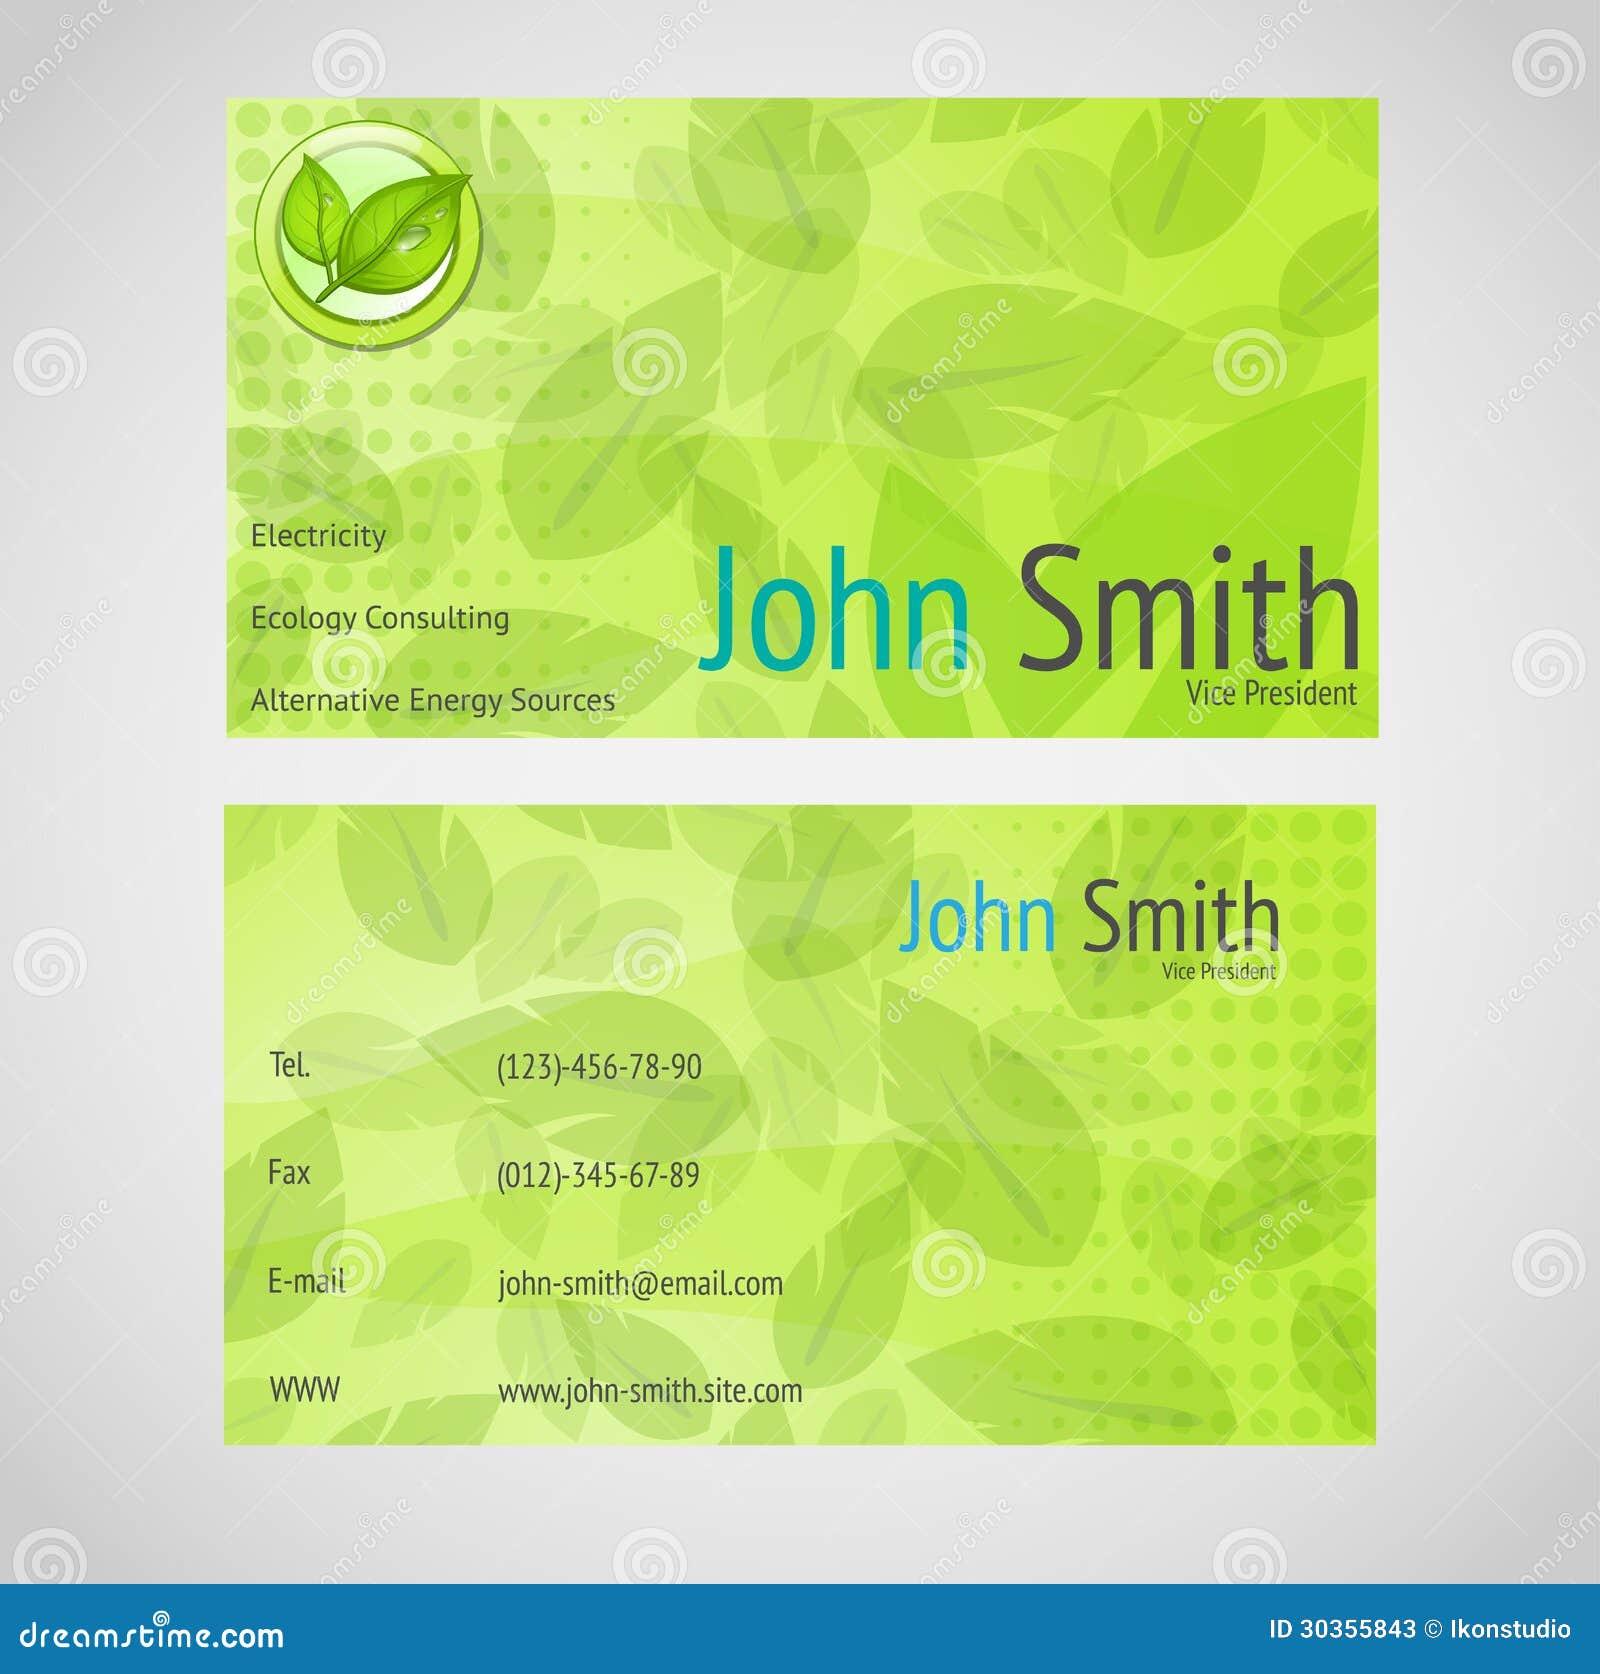 Carte De Visite Professionnelle Verte Avec La Norme 90 X 50 Millimetres Dans Des Couleurs Vertes Et Feuilles